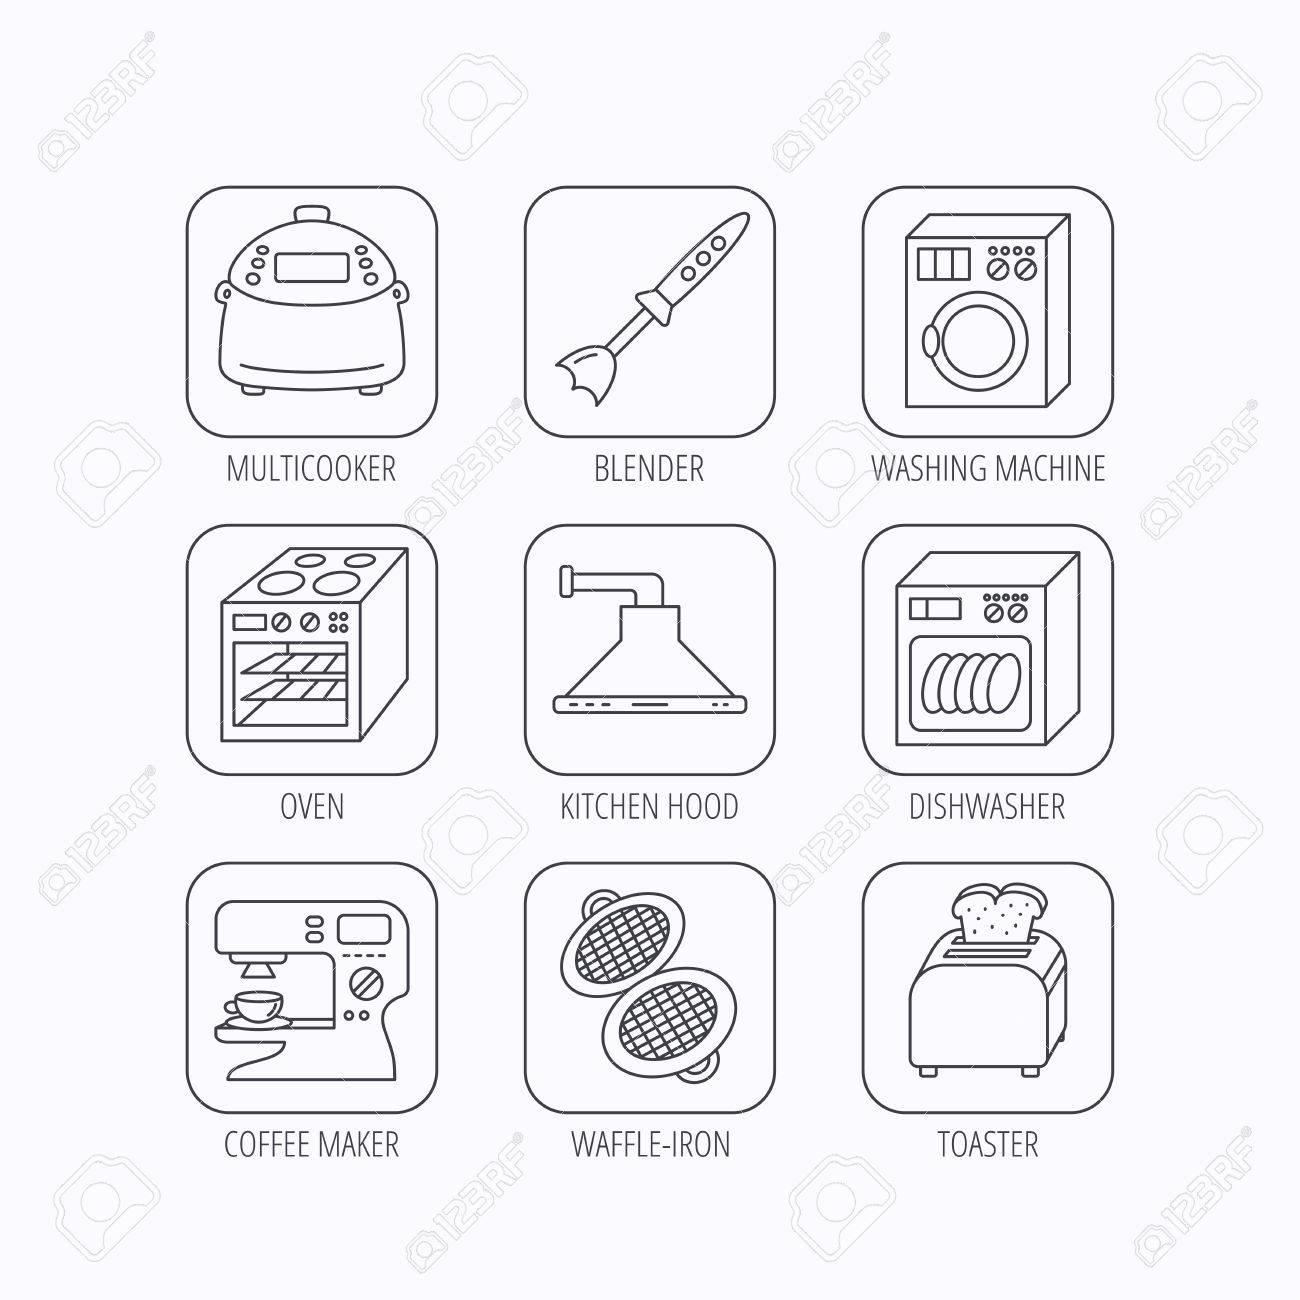 Favorit Spülmaschine, Waschmaschine Und Mixer-Symbole. Dunstabzugshaube MX68